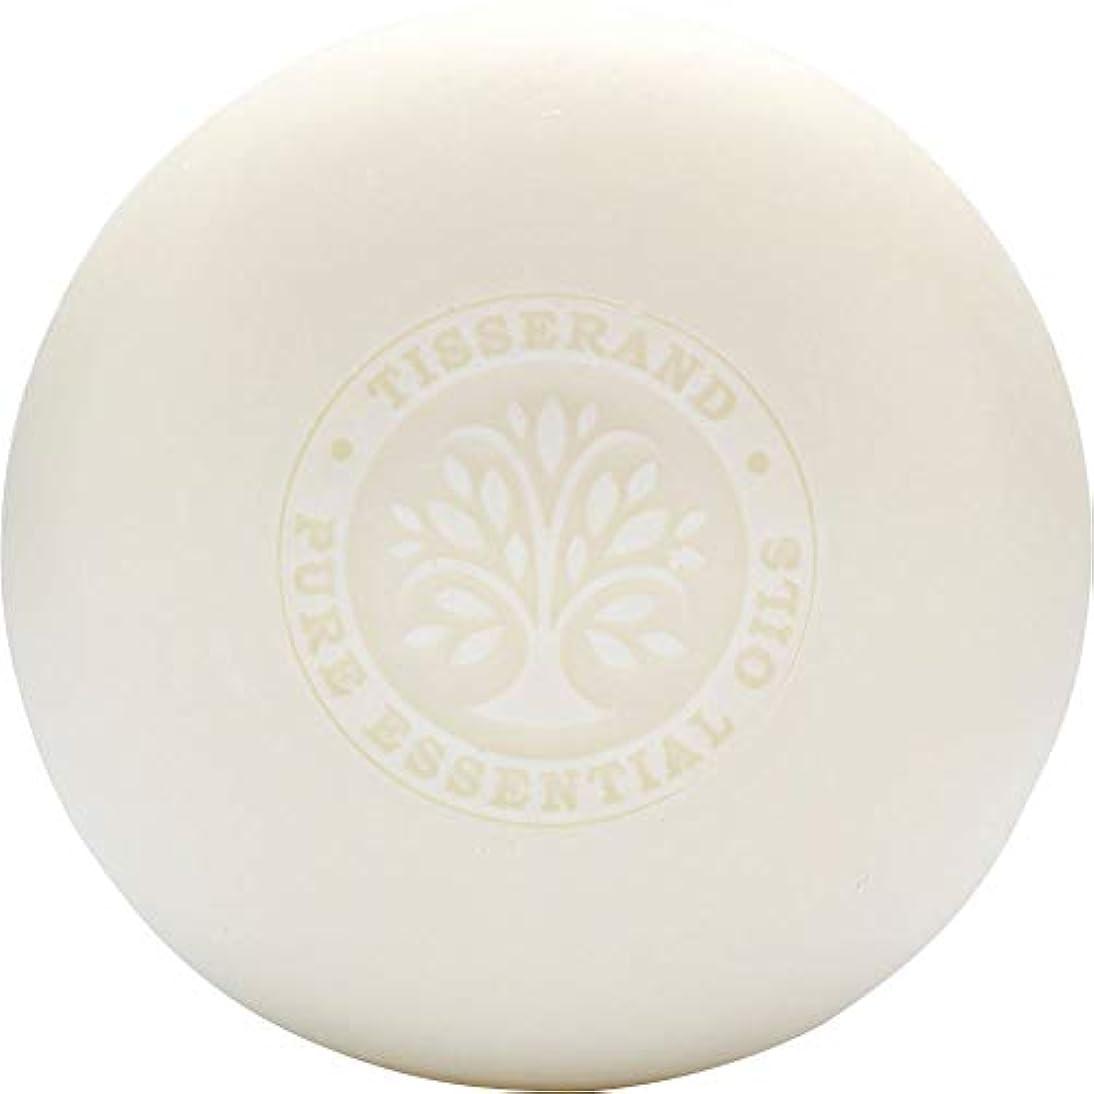 奇跡的な酔っ払い背骨[Tisserand] ティスランドローズ&ゼラニウムの葉石鹸100グラム - Tisserand Rose & Geranium Leaf Soap 100g [並行輸入品]